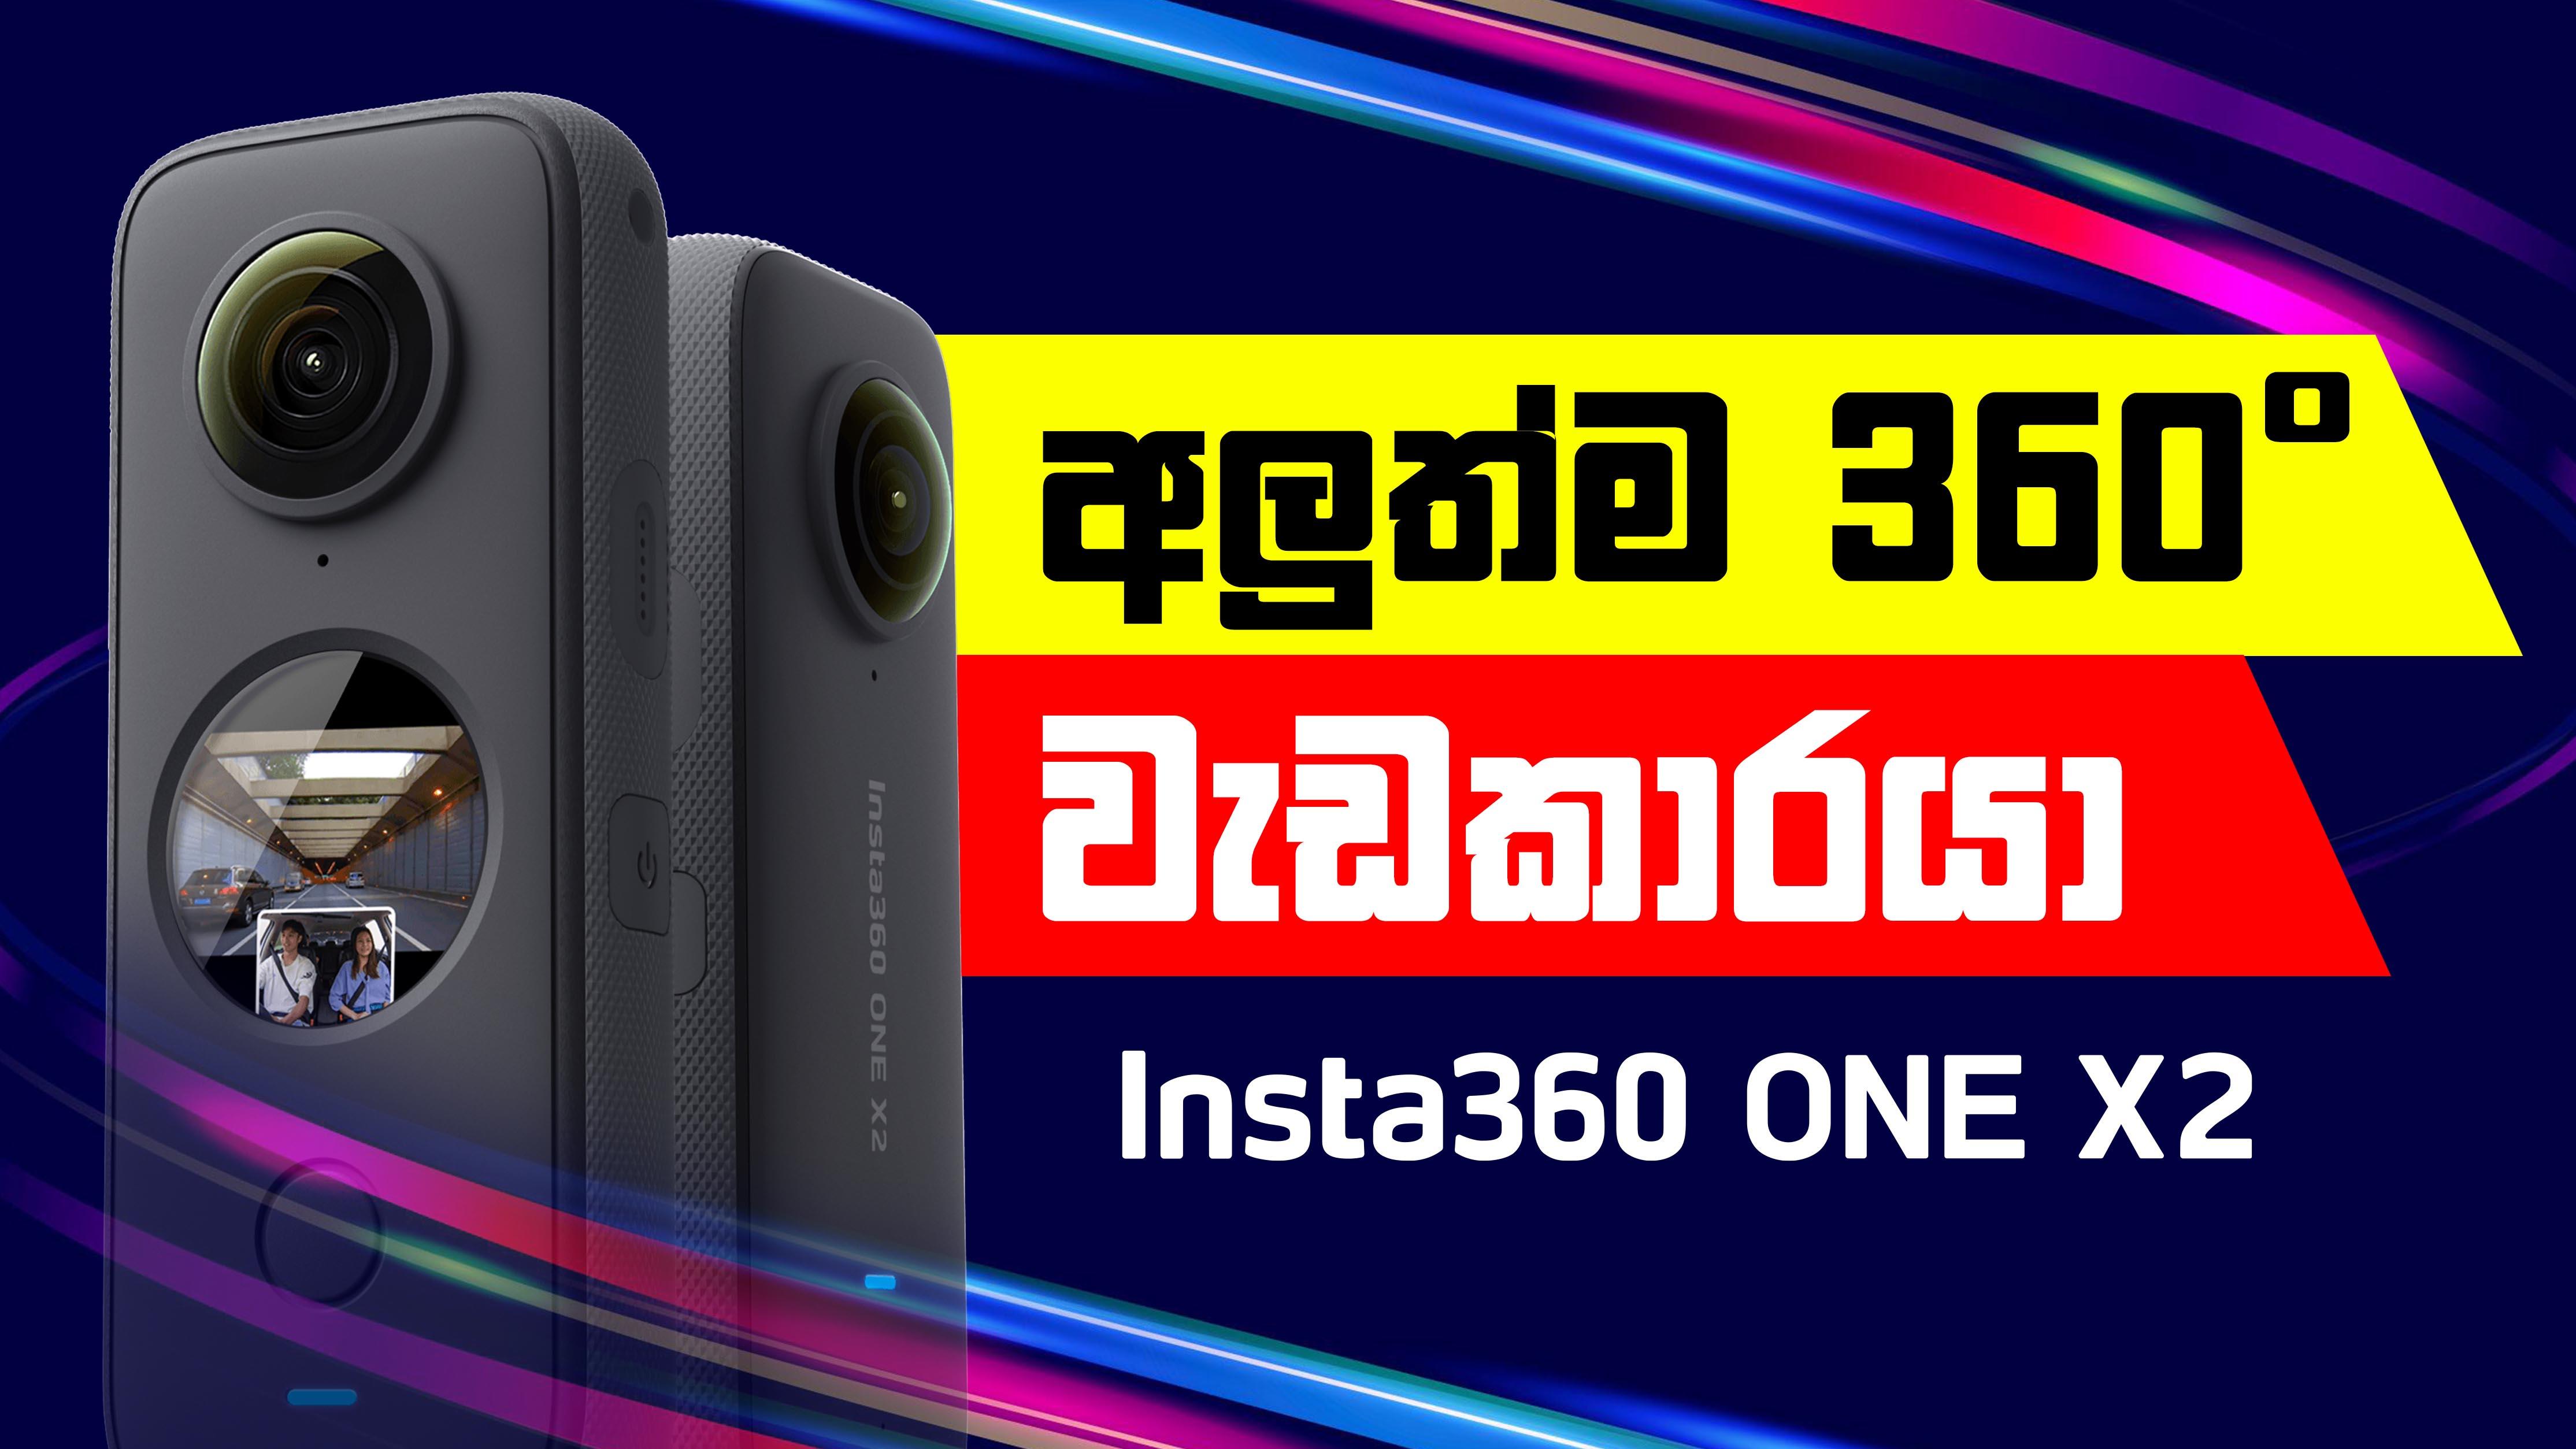 අළුත්ම 360° වැඩකාරයා - Insta360 ONE x2 !